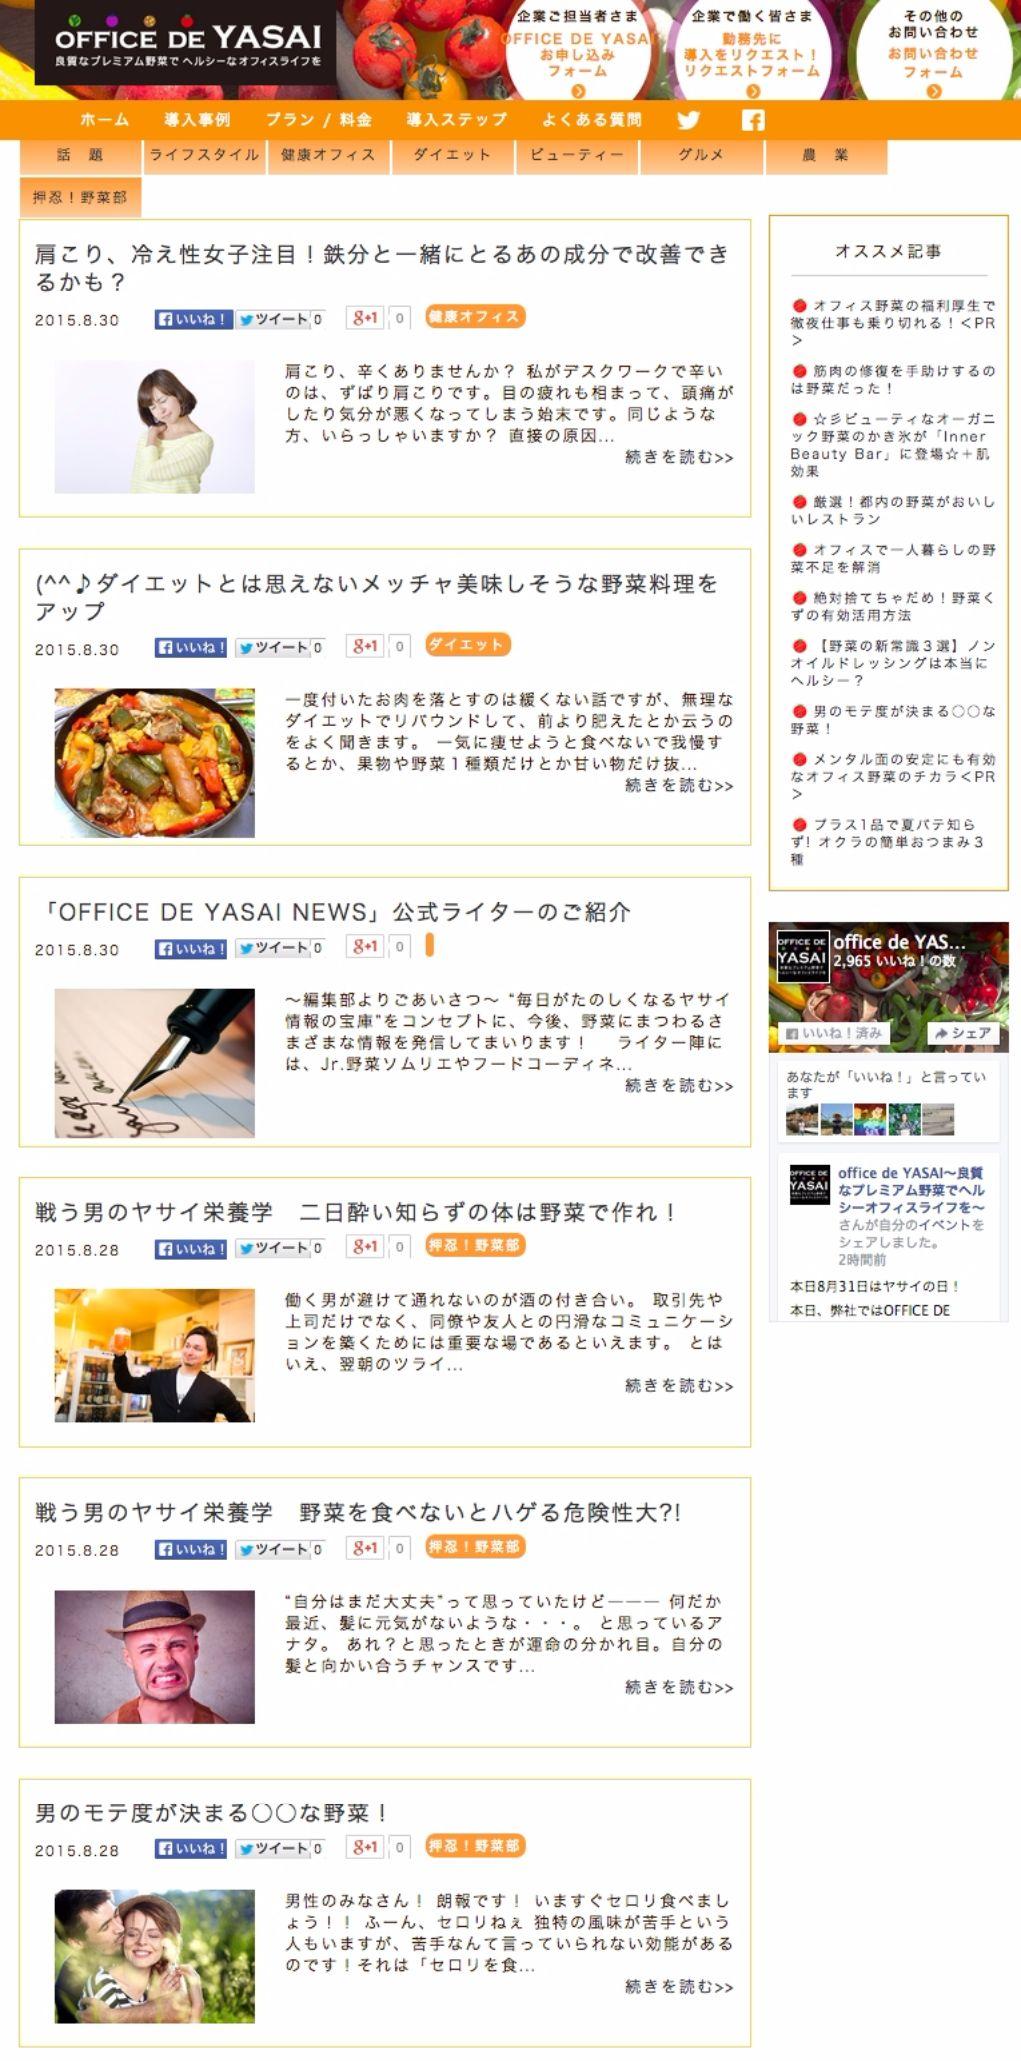 OFFICE DE YASAI - We Love Yasai NEWS (3)